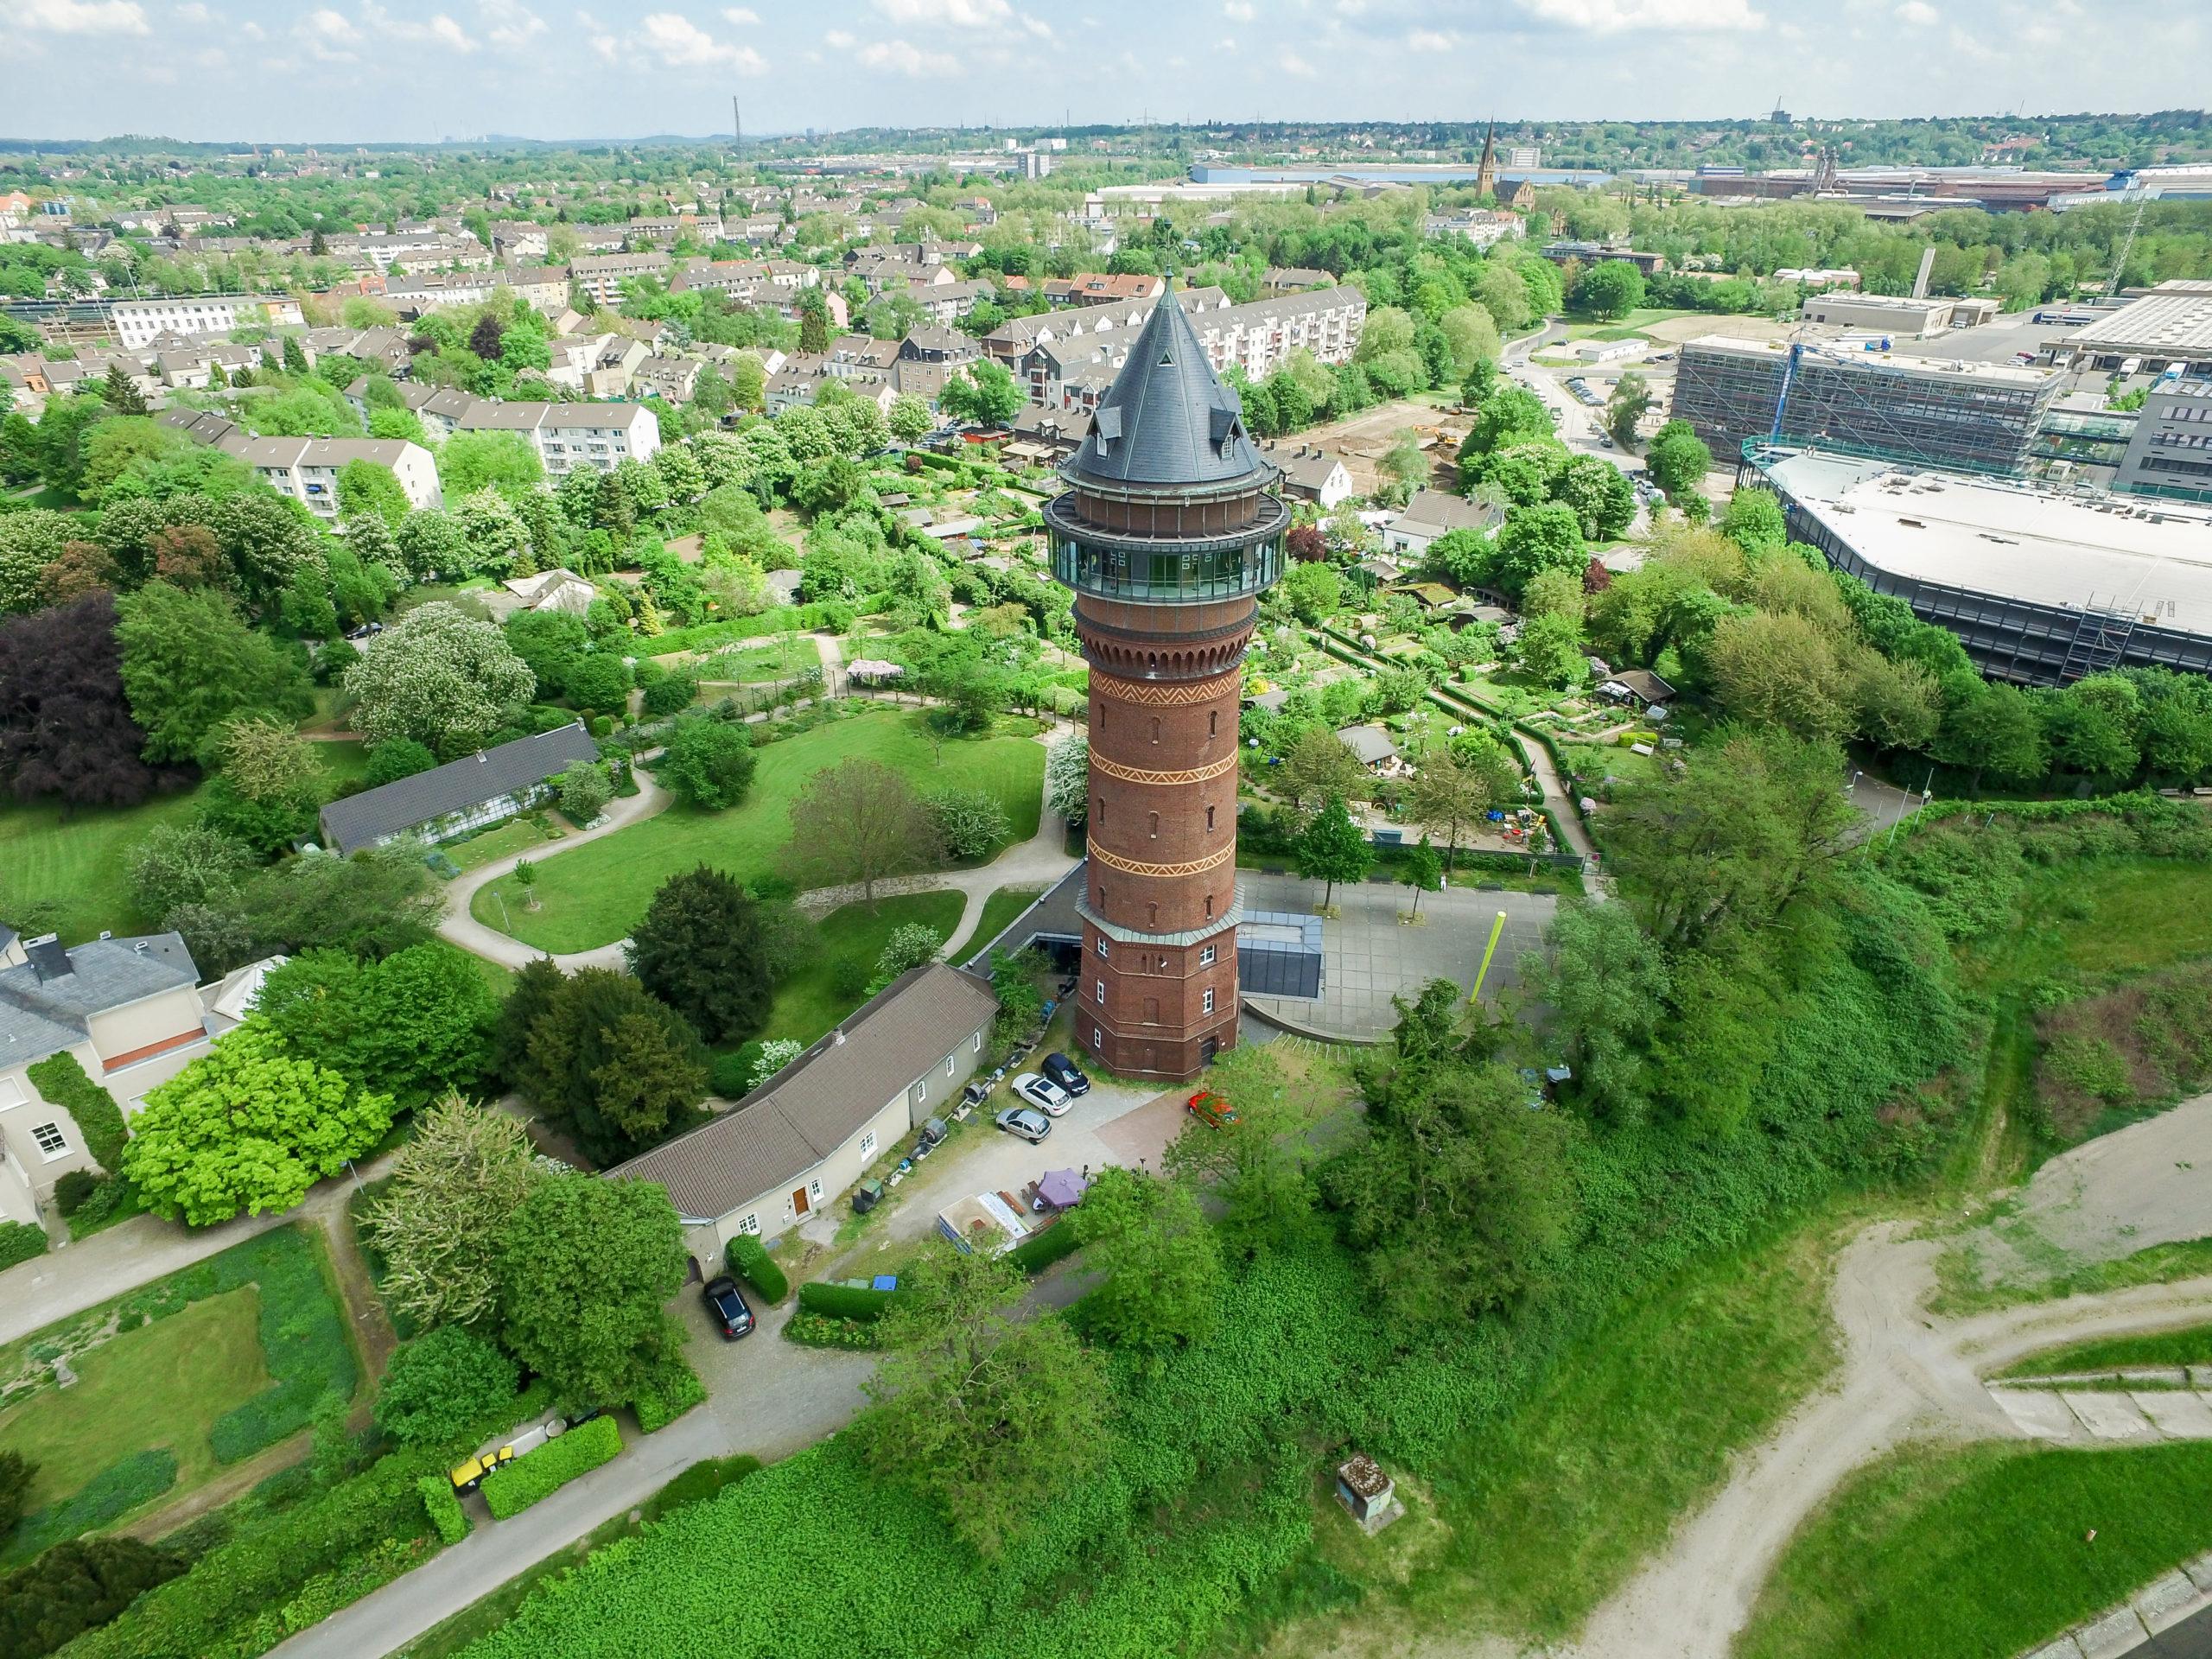 Haushaltsauflösung und Entrümpelung in Mülheim an der Ruhr